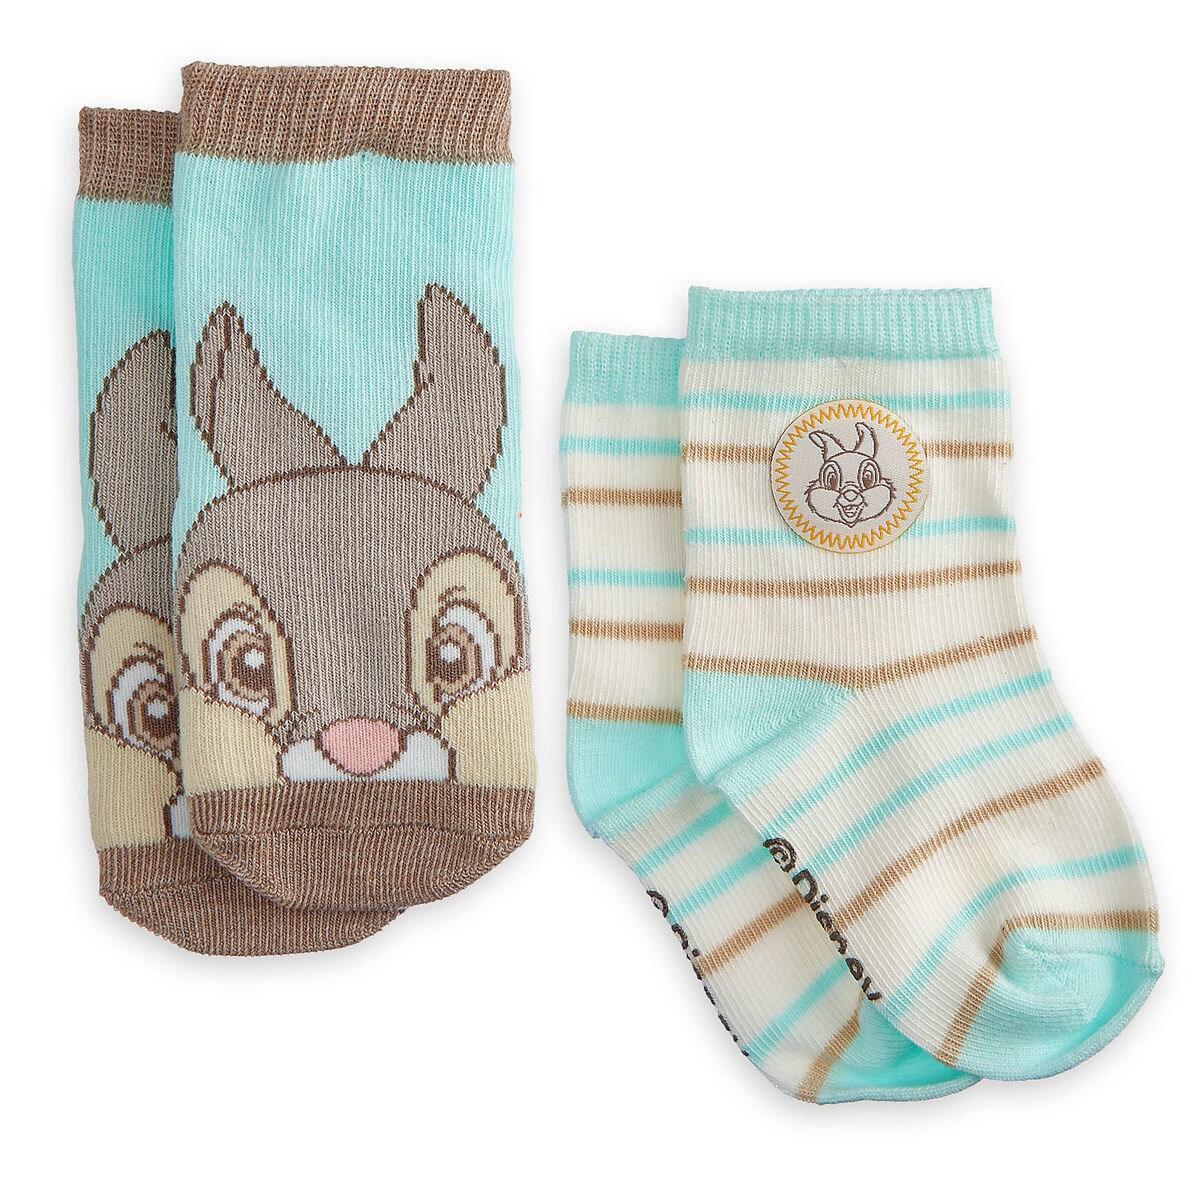 edcb72dce7dc Thumper Socks for Baby - 2-Pack